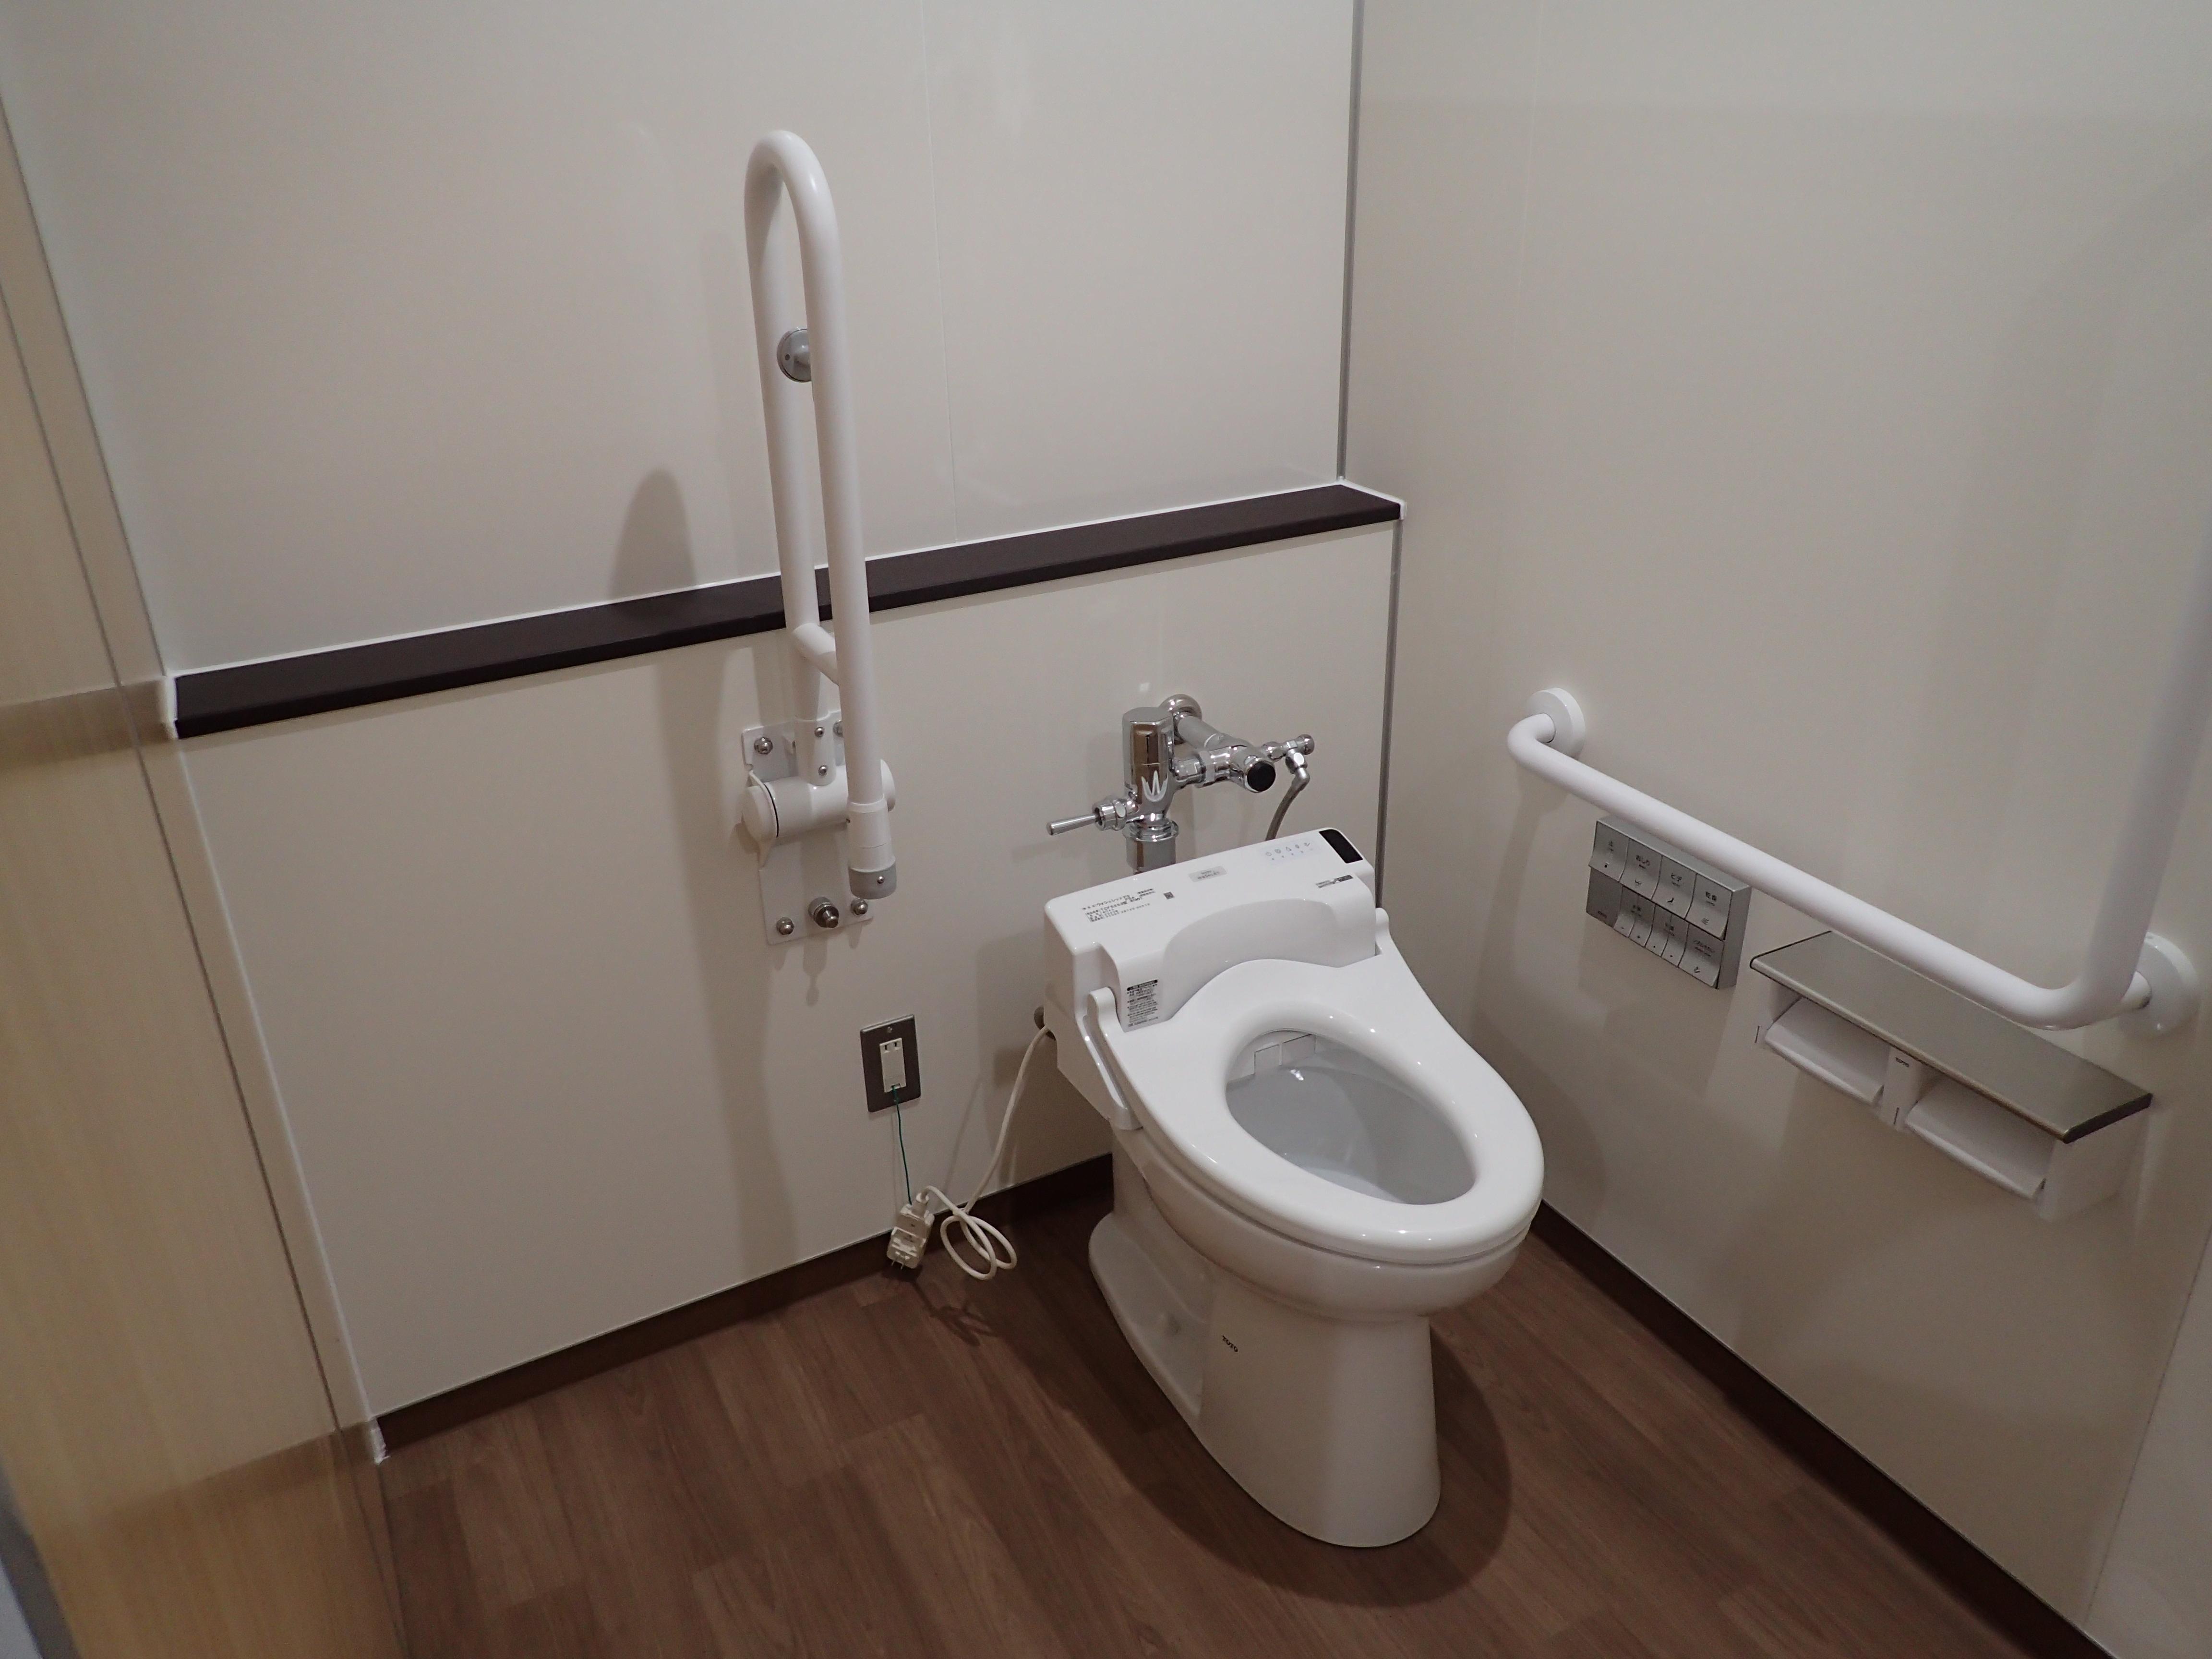 鶴ヶ島市立西中学校トイレ改修工事のアイキャッチ画像